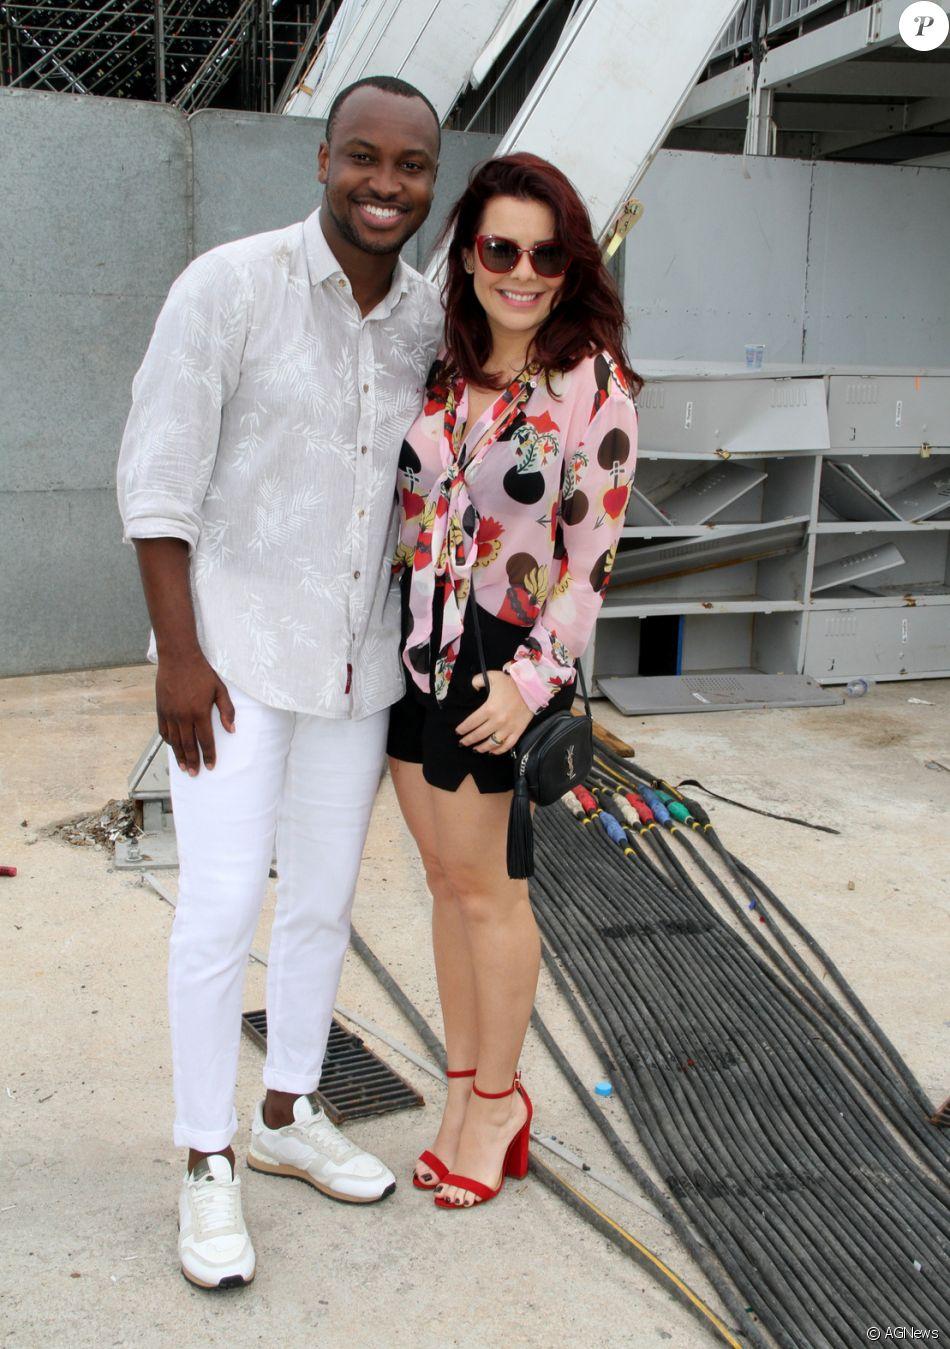 Fernanda Souza exibiu o novo visual ao lado do marido, Thiaguinho, neste domingo, 19 de novembro de 2017